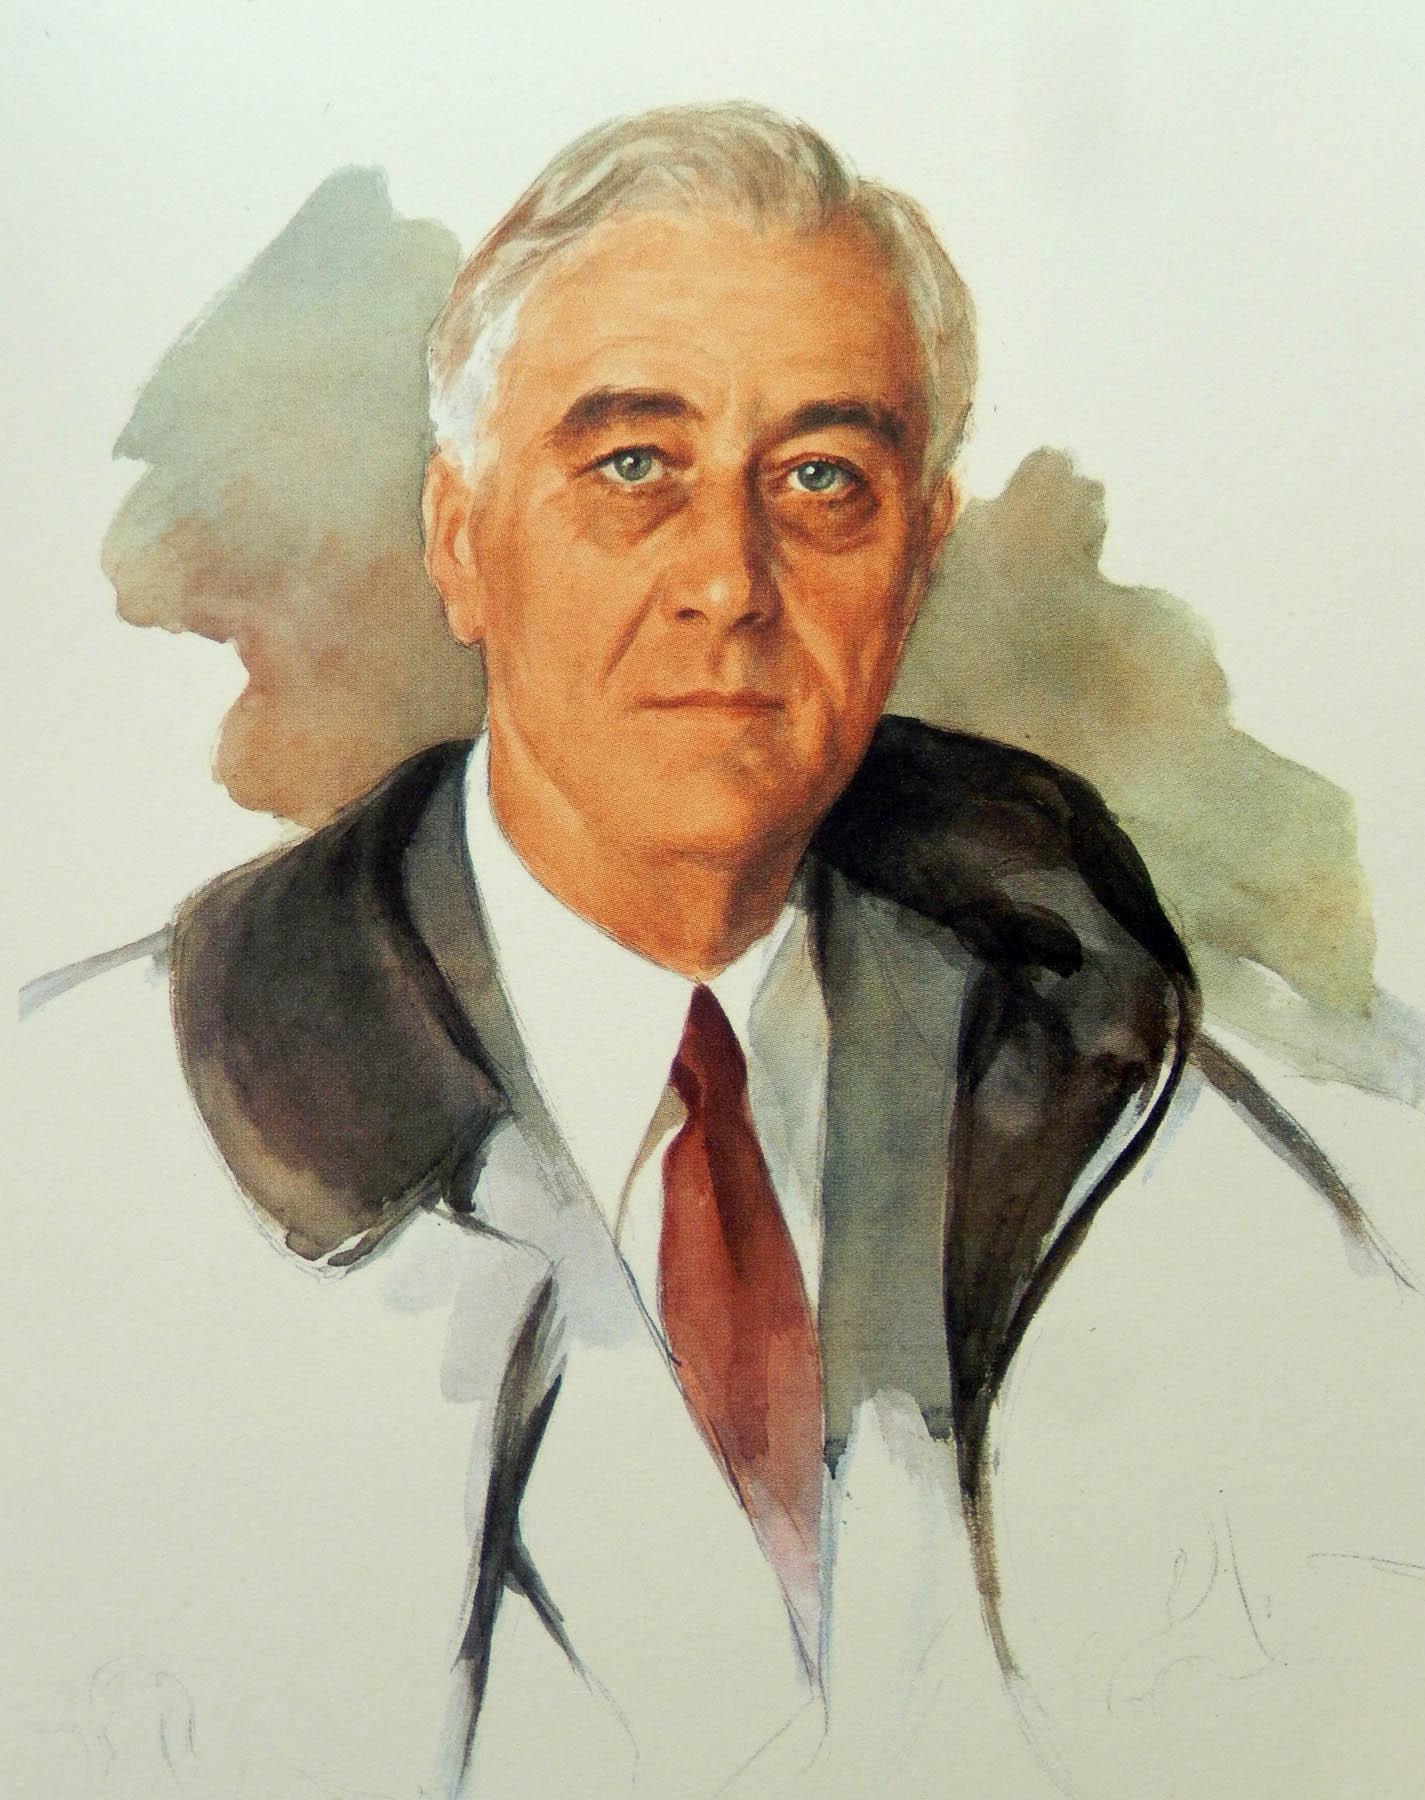 Unfinished Portrait Of Franklin D Roosevelt : unfinished, portrait, franklin, roosevelt, Gurney, Journey:, Unfinished, Portrait, Roosevelt